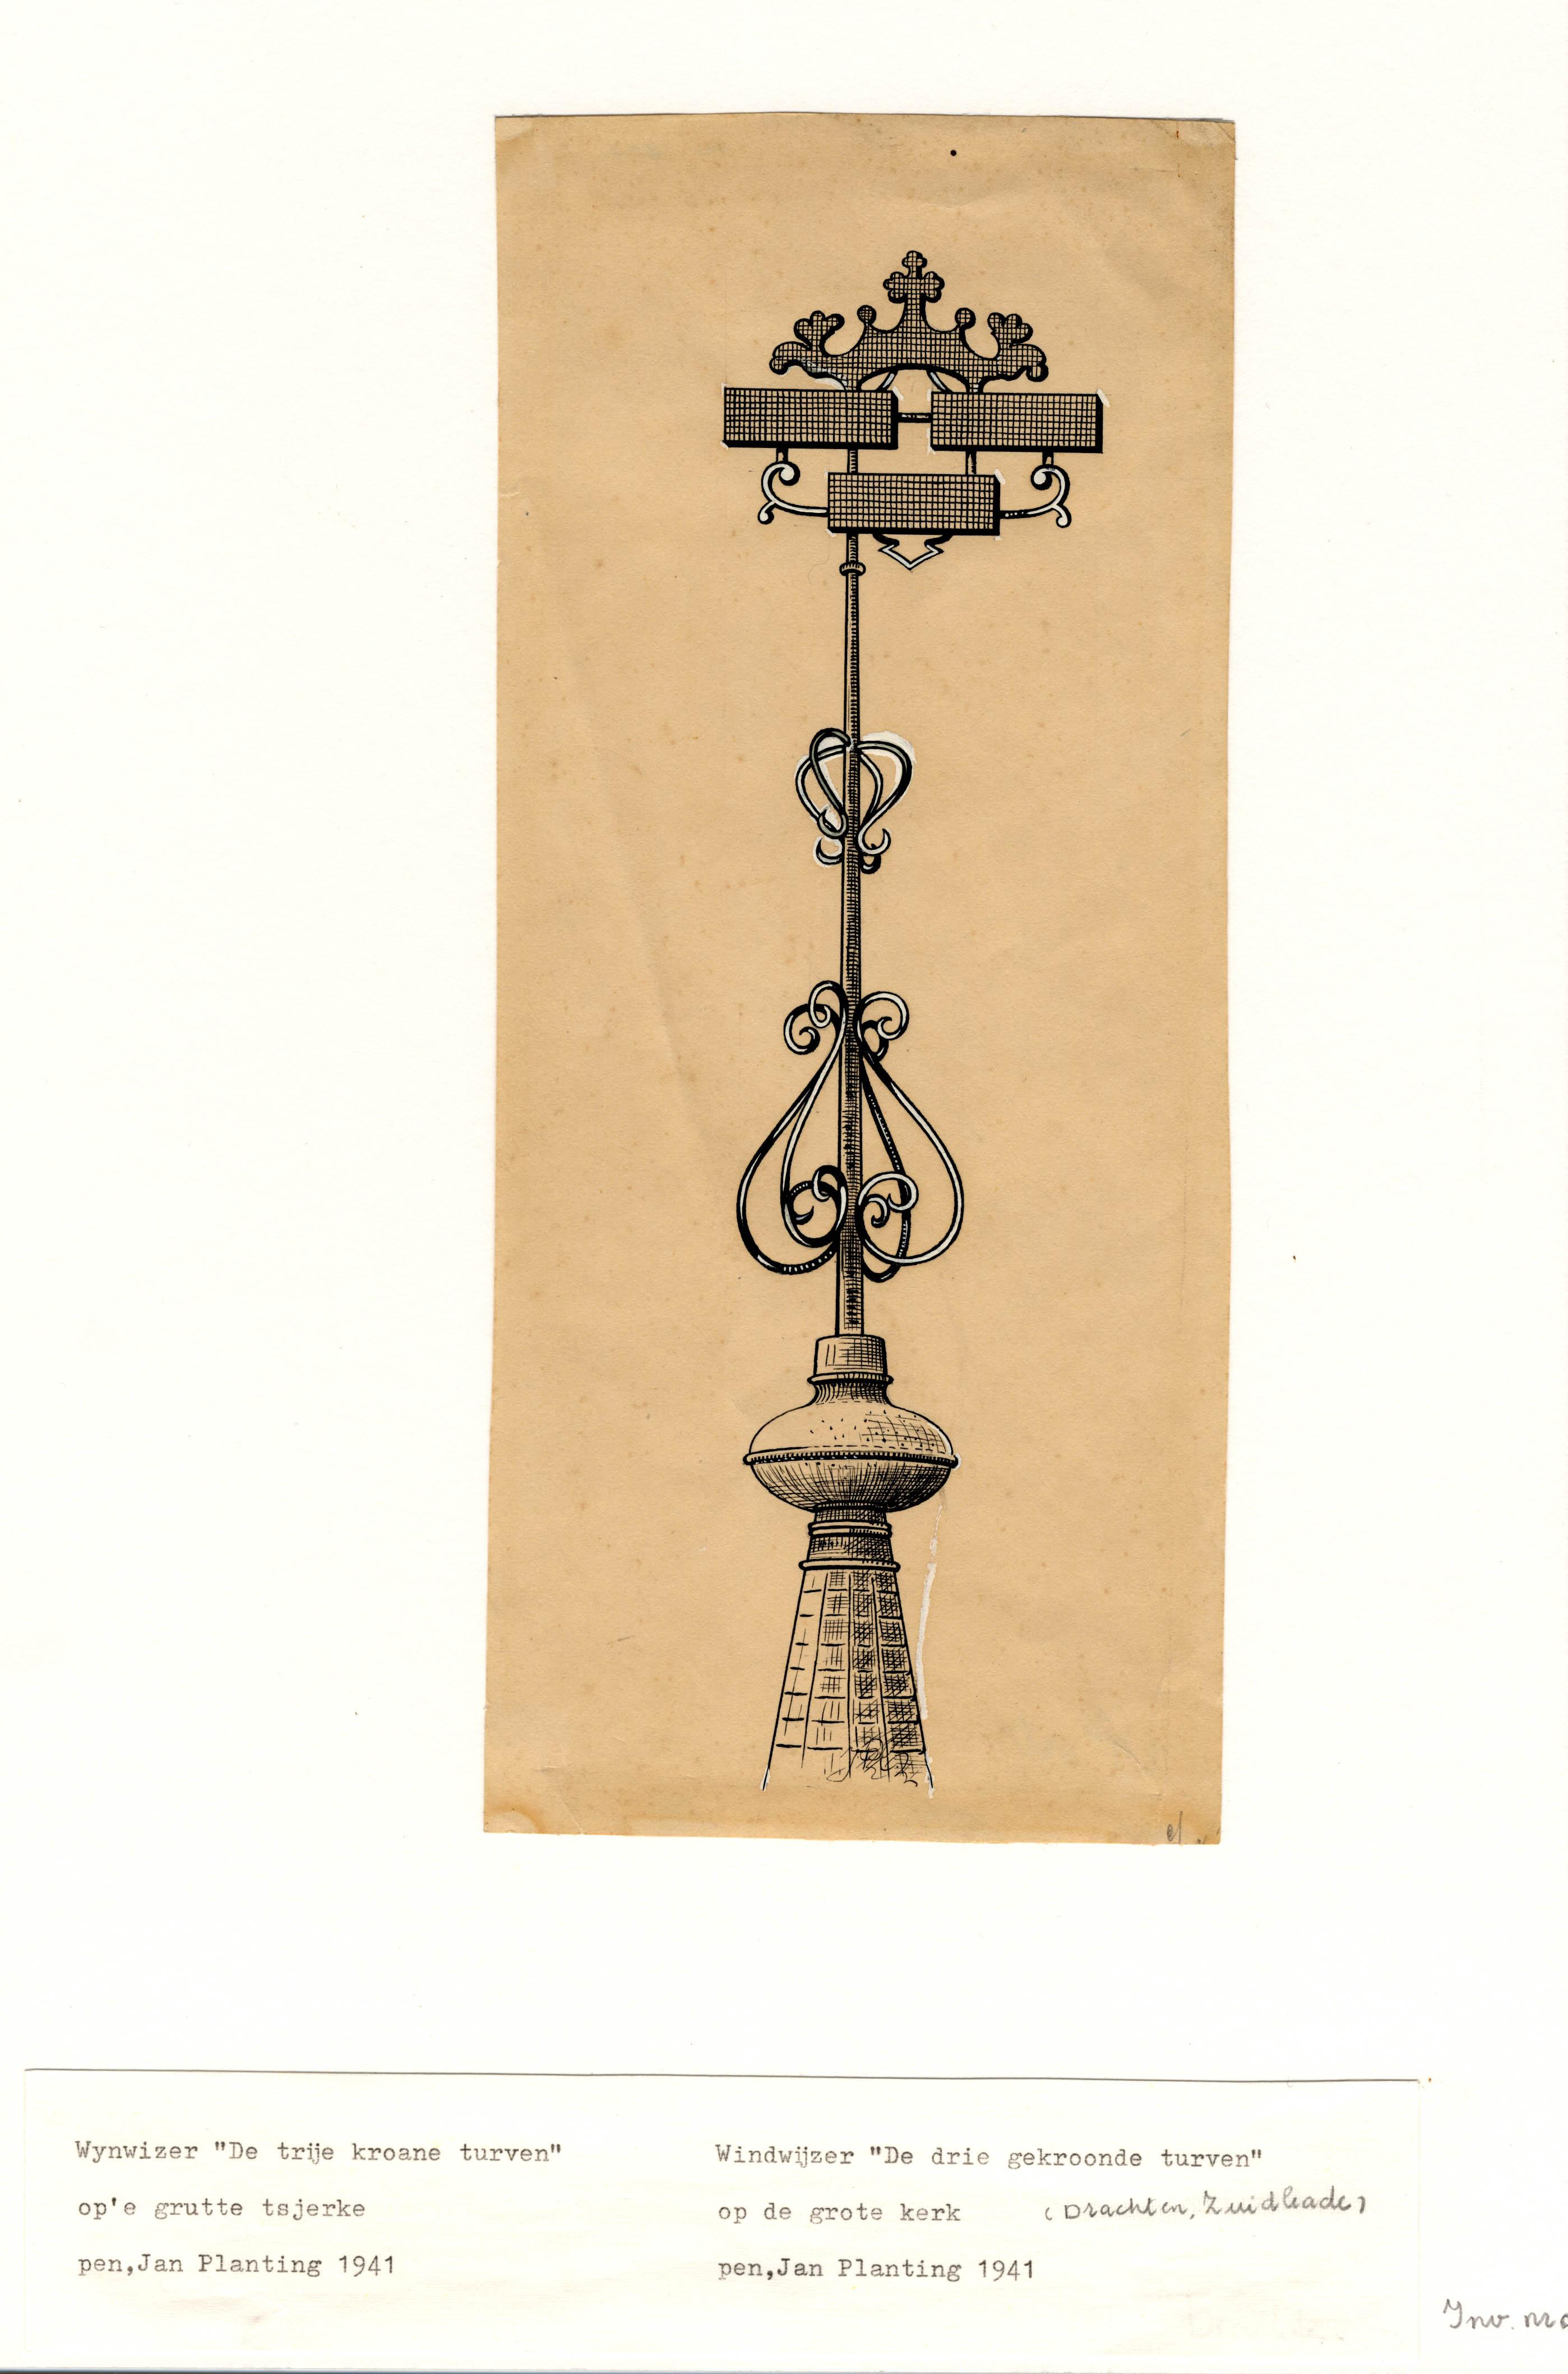 Tekening met windwijzer van de Grote Kerk aan de Zuidkade